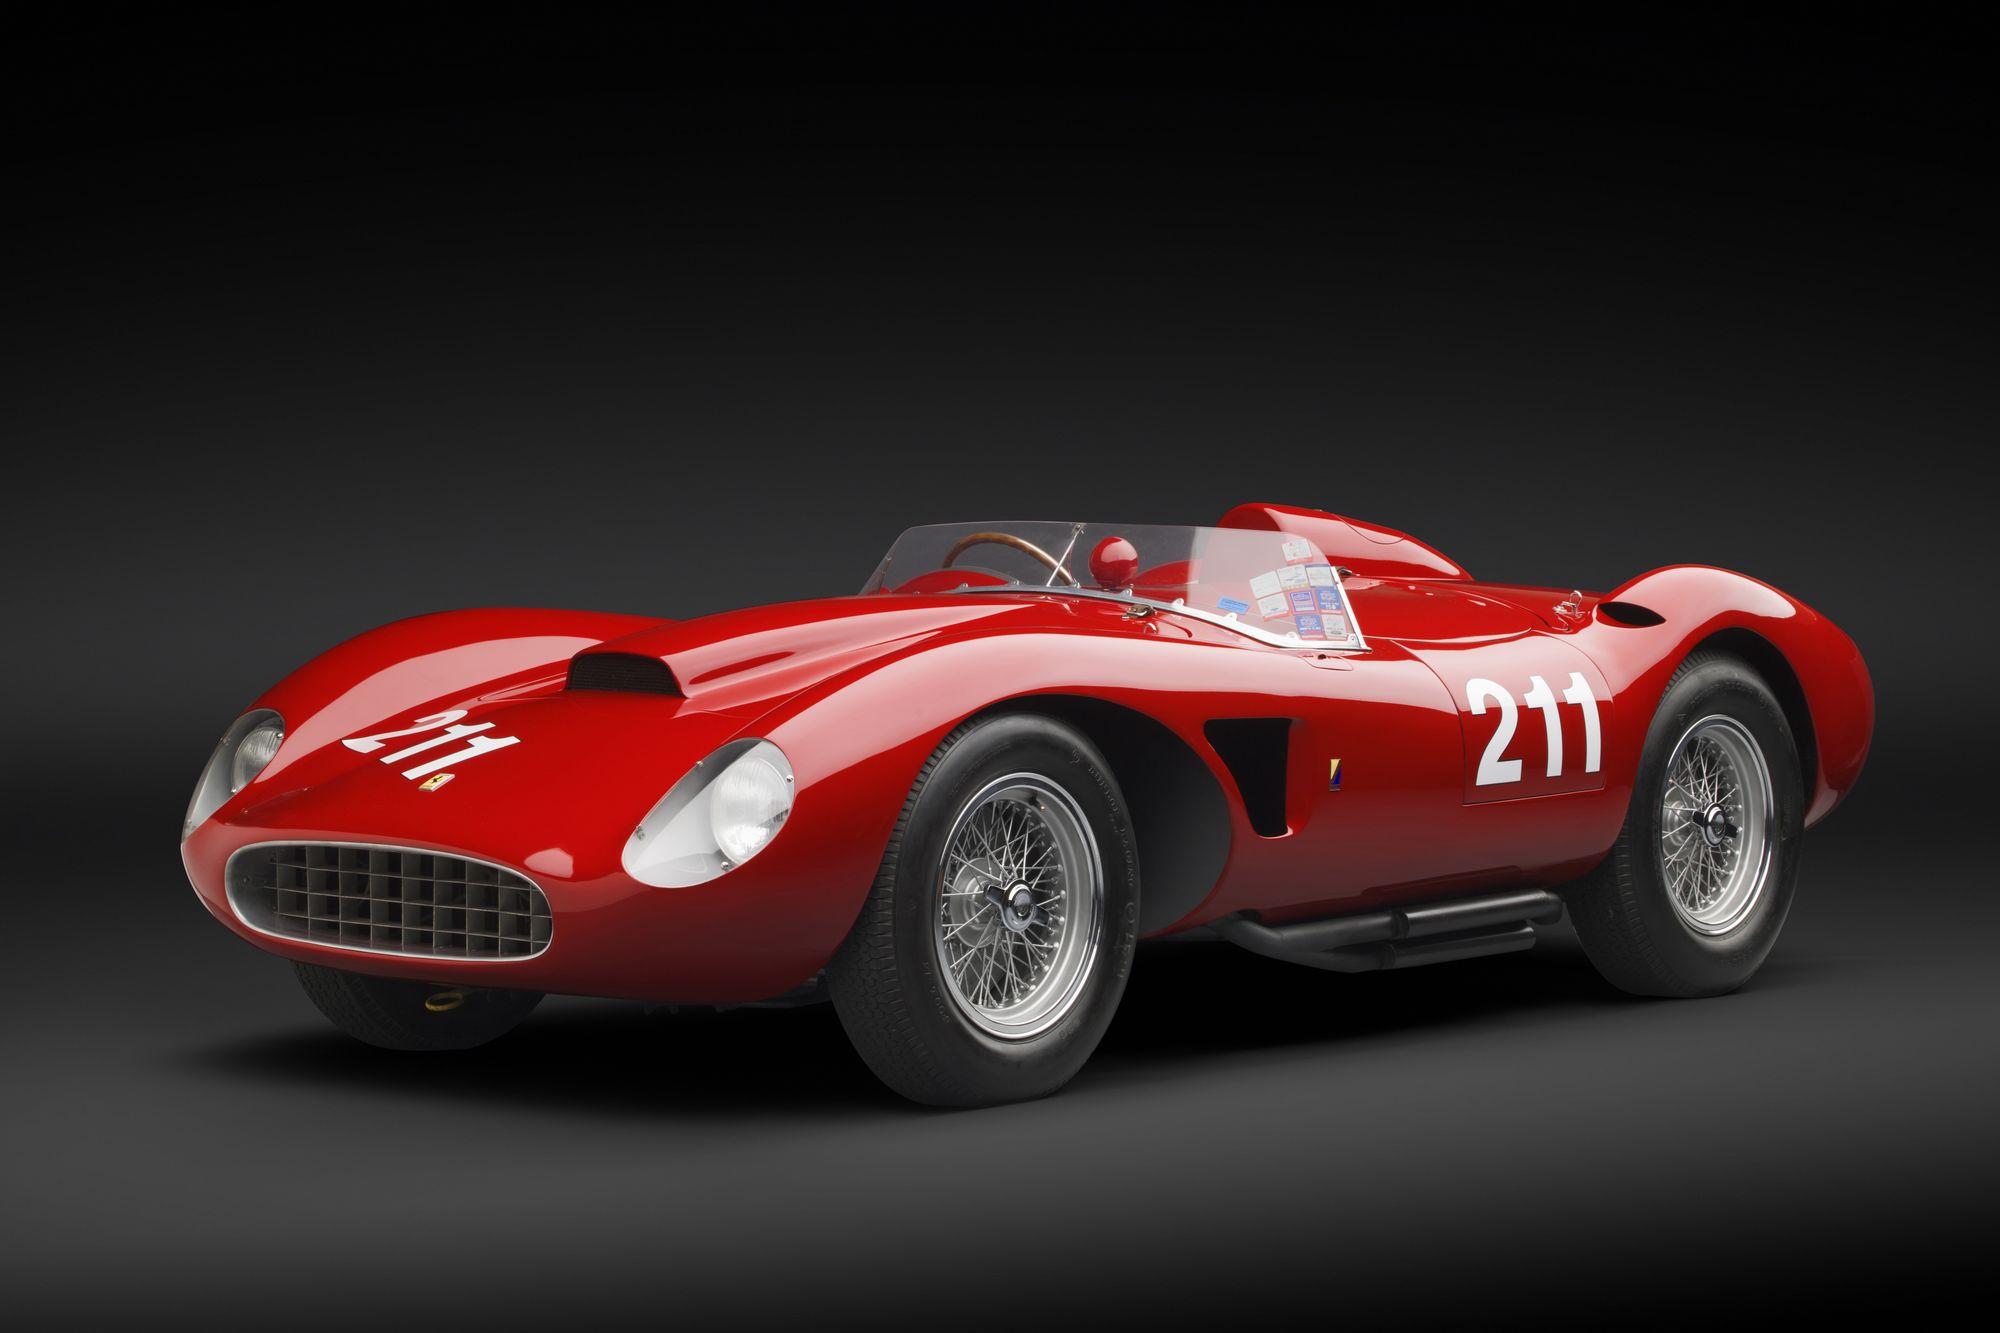 Full Hd Car Logos Wallpapers Ferrari Classic Supercar